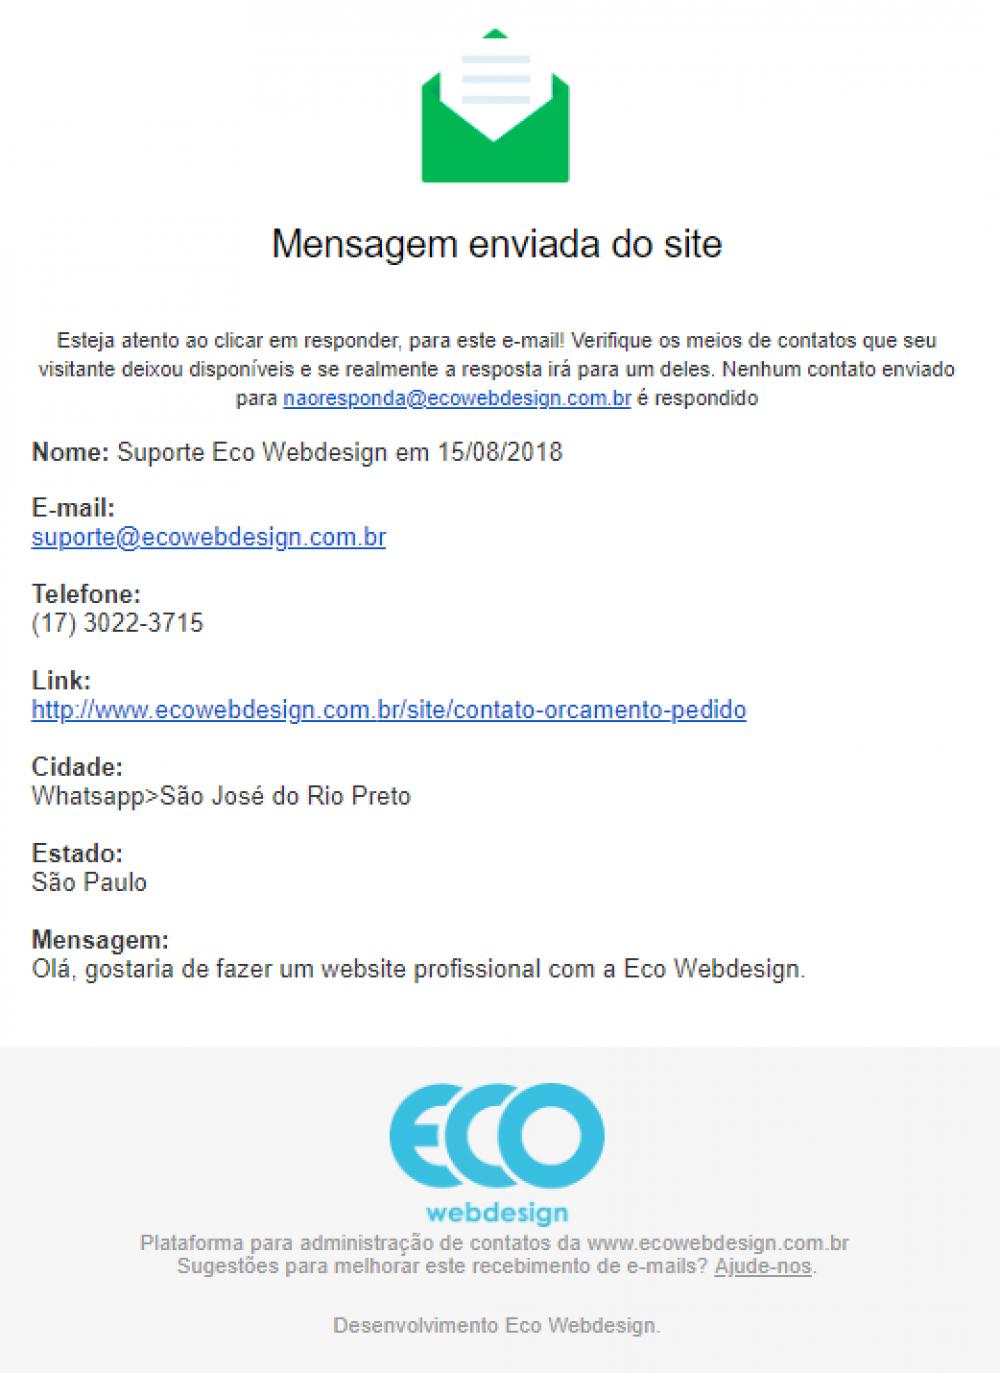 Formato correto para responder o contato - Eco Webdesign